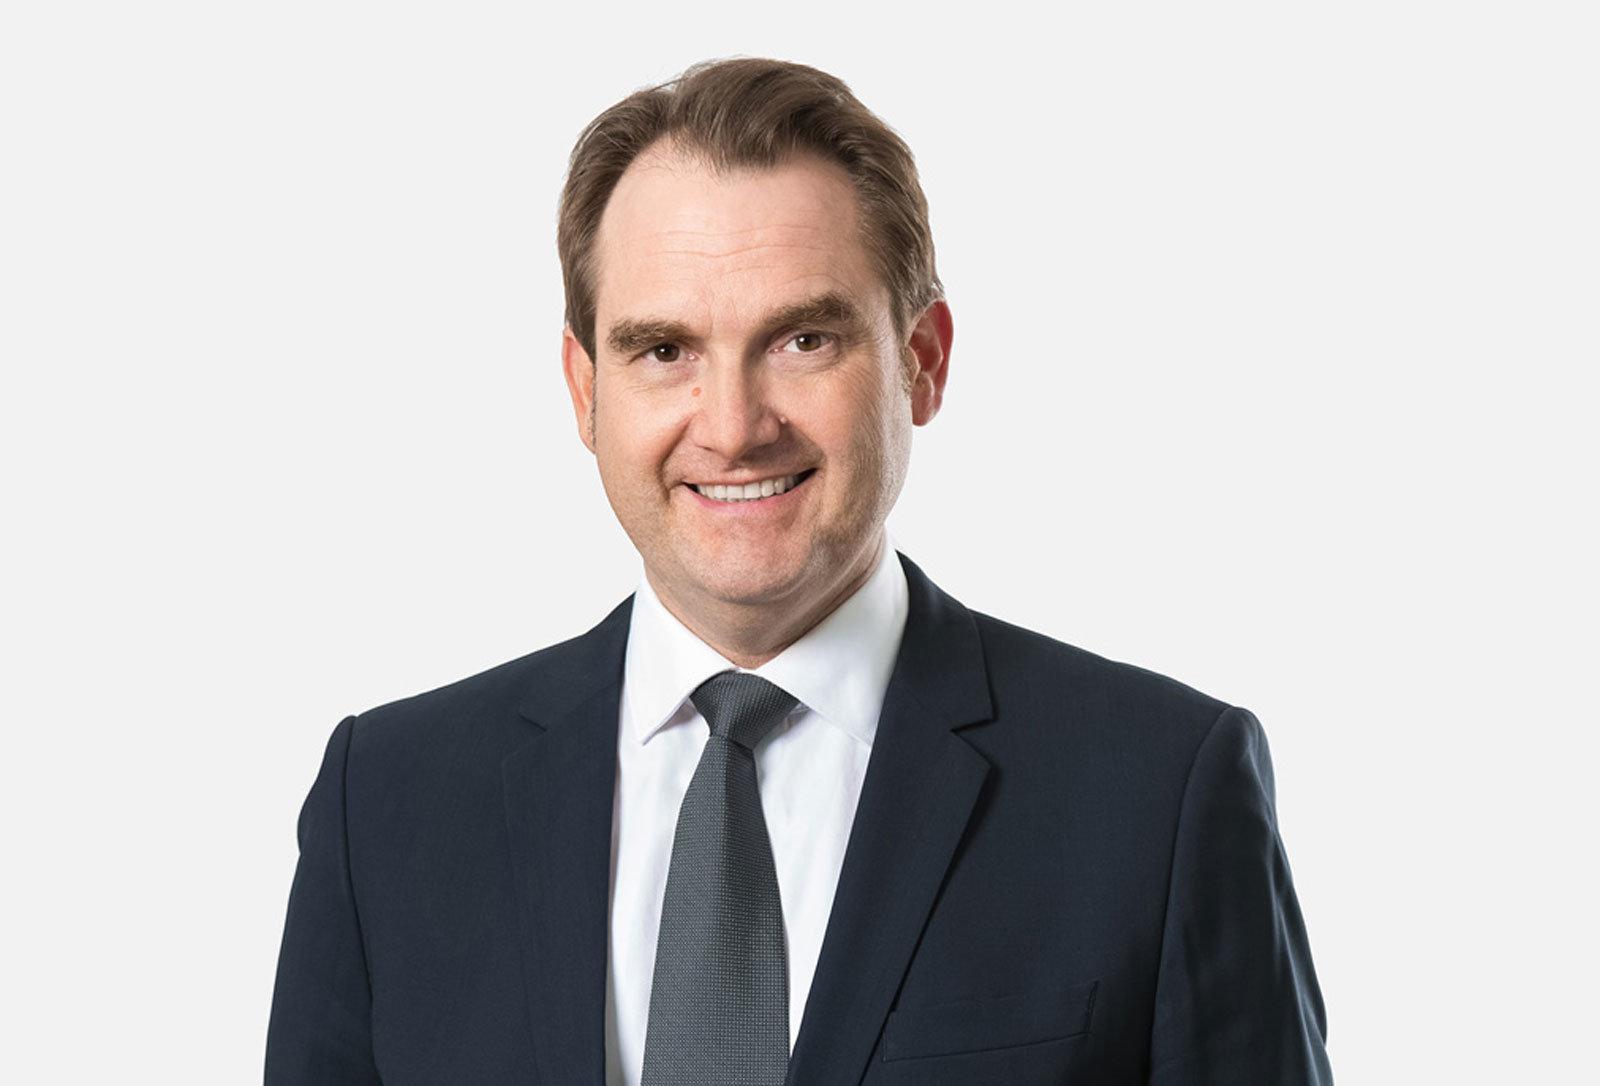 Oliver Grün wurde als Präsident des Bundesverband IT-Mittelstand e.V. (BITMi) wiedergewählt.